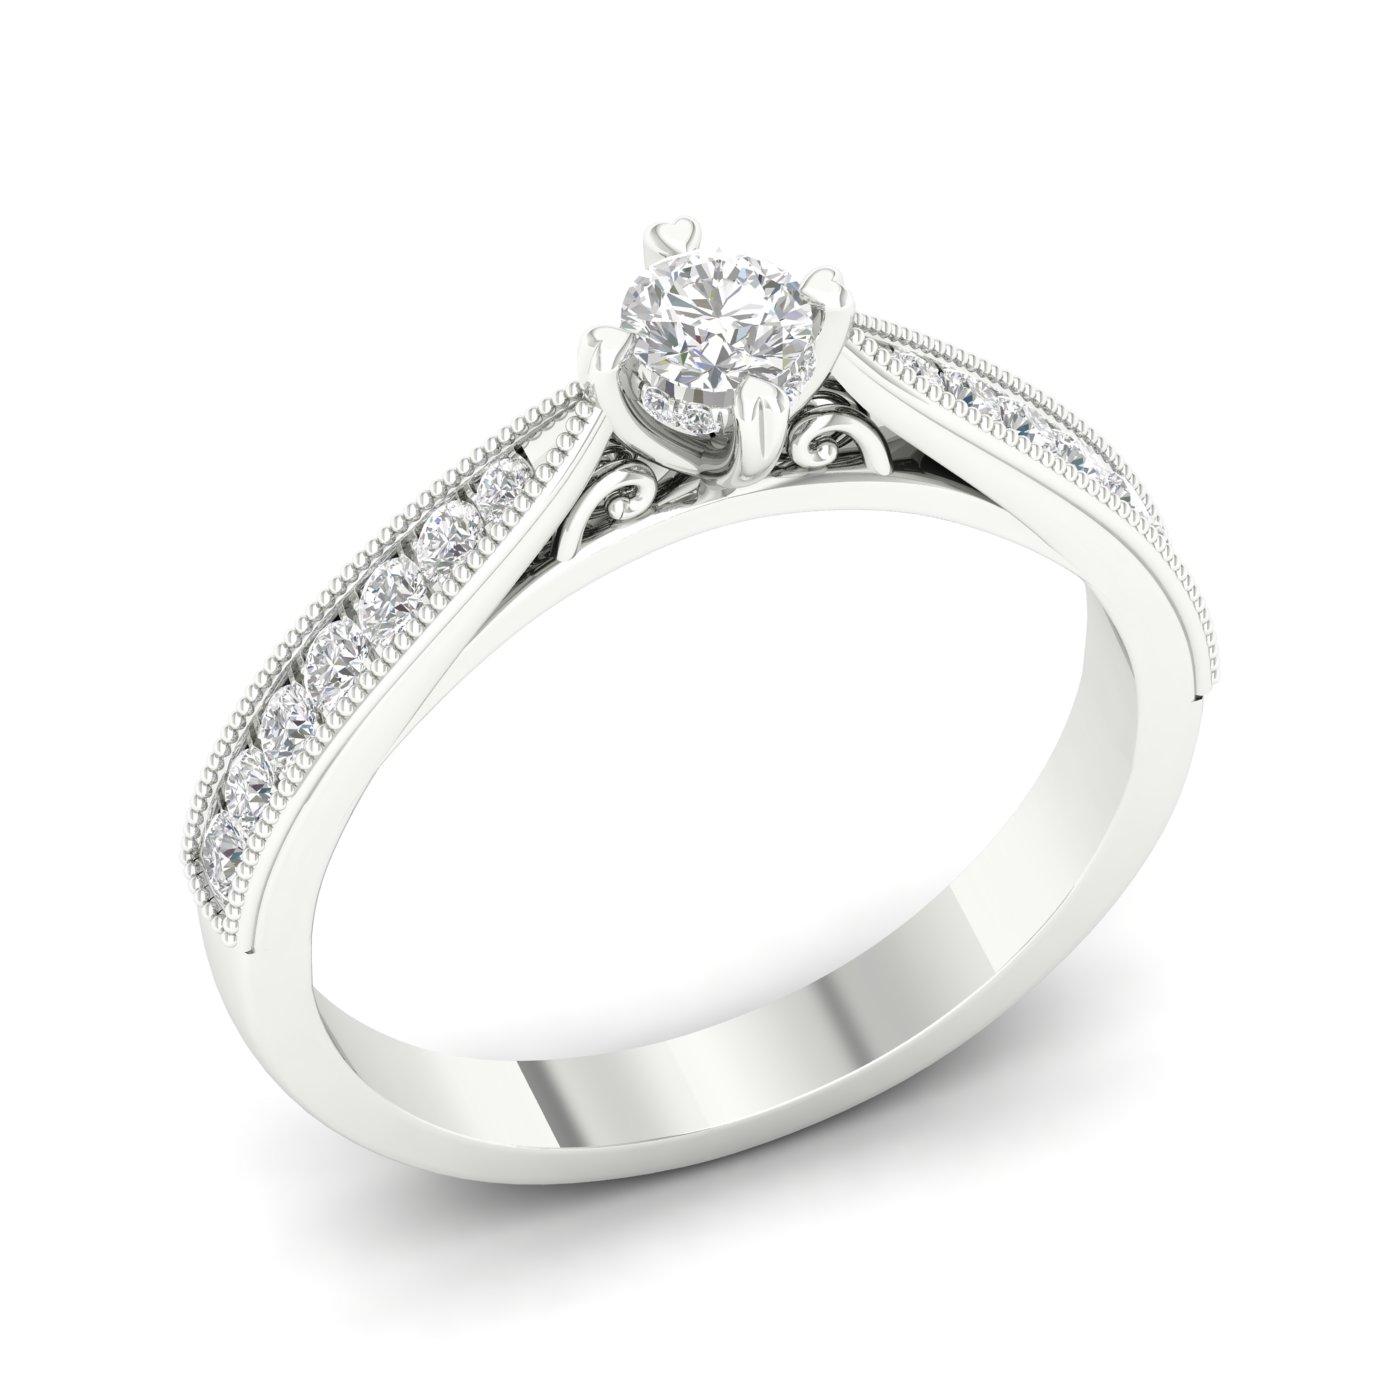 57ddca50ab8 Esileht / Ehted / Kullast ehted / Sõrmused / Teemantidega / Kullast sõrmus  teemantidega 0,50 ct. Kood: 20hb-rs0079